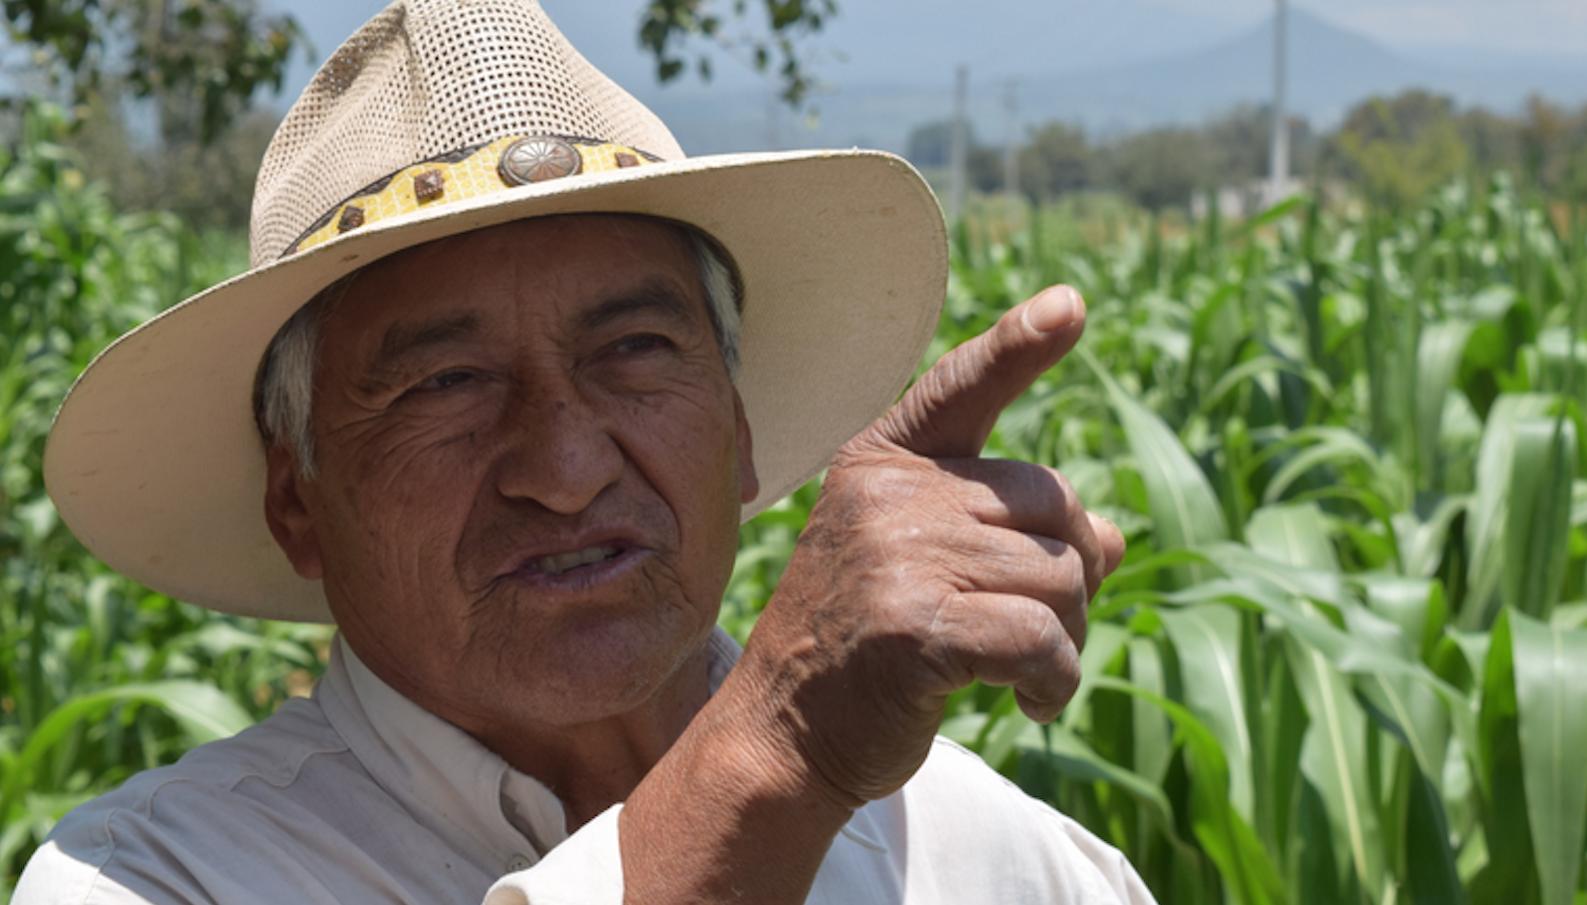 The future of farming?